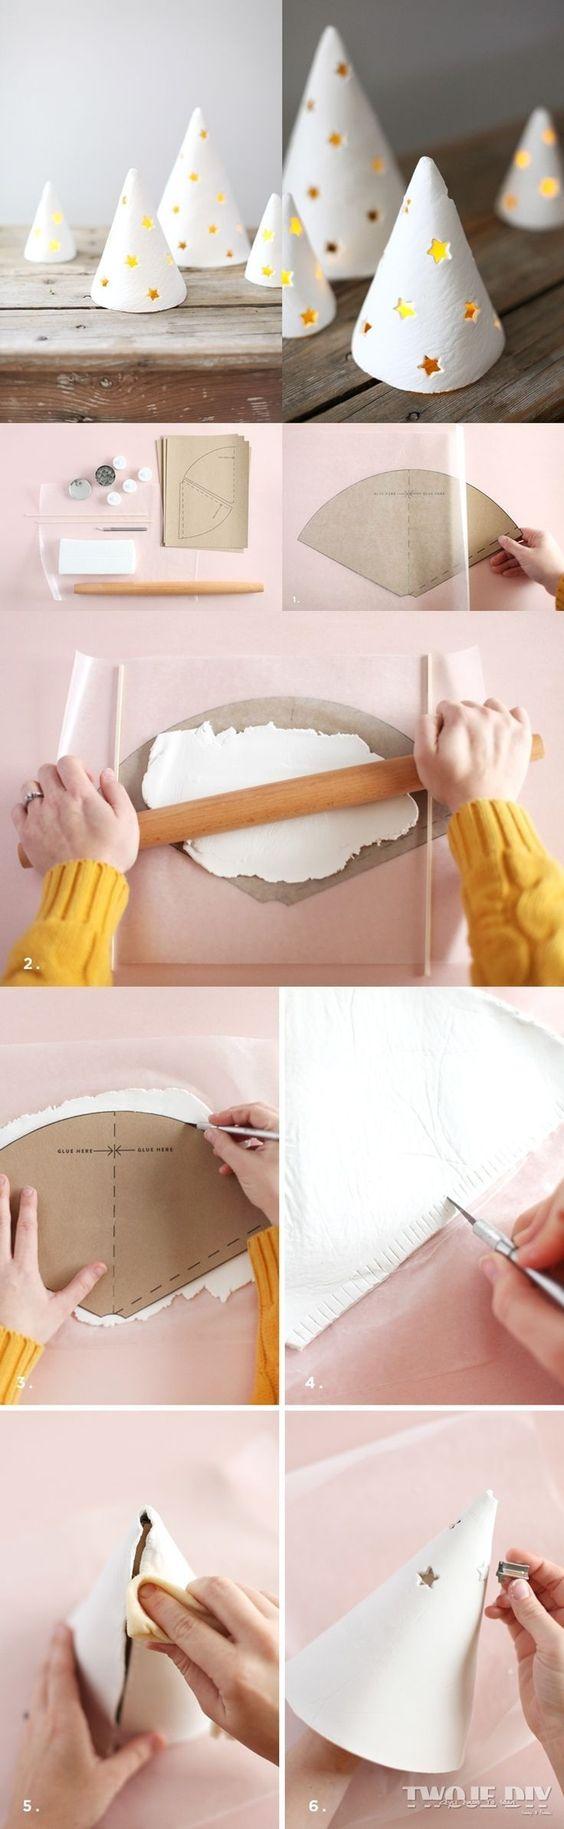 {Dossier DIY} Les objets à faire en pâte durcissante